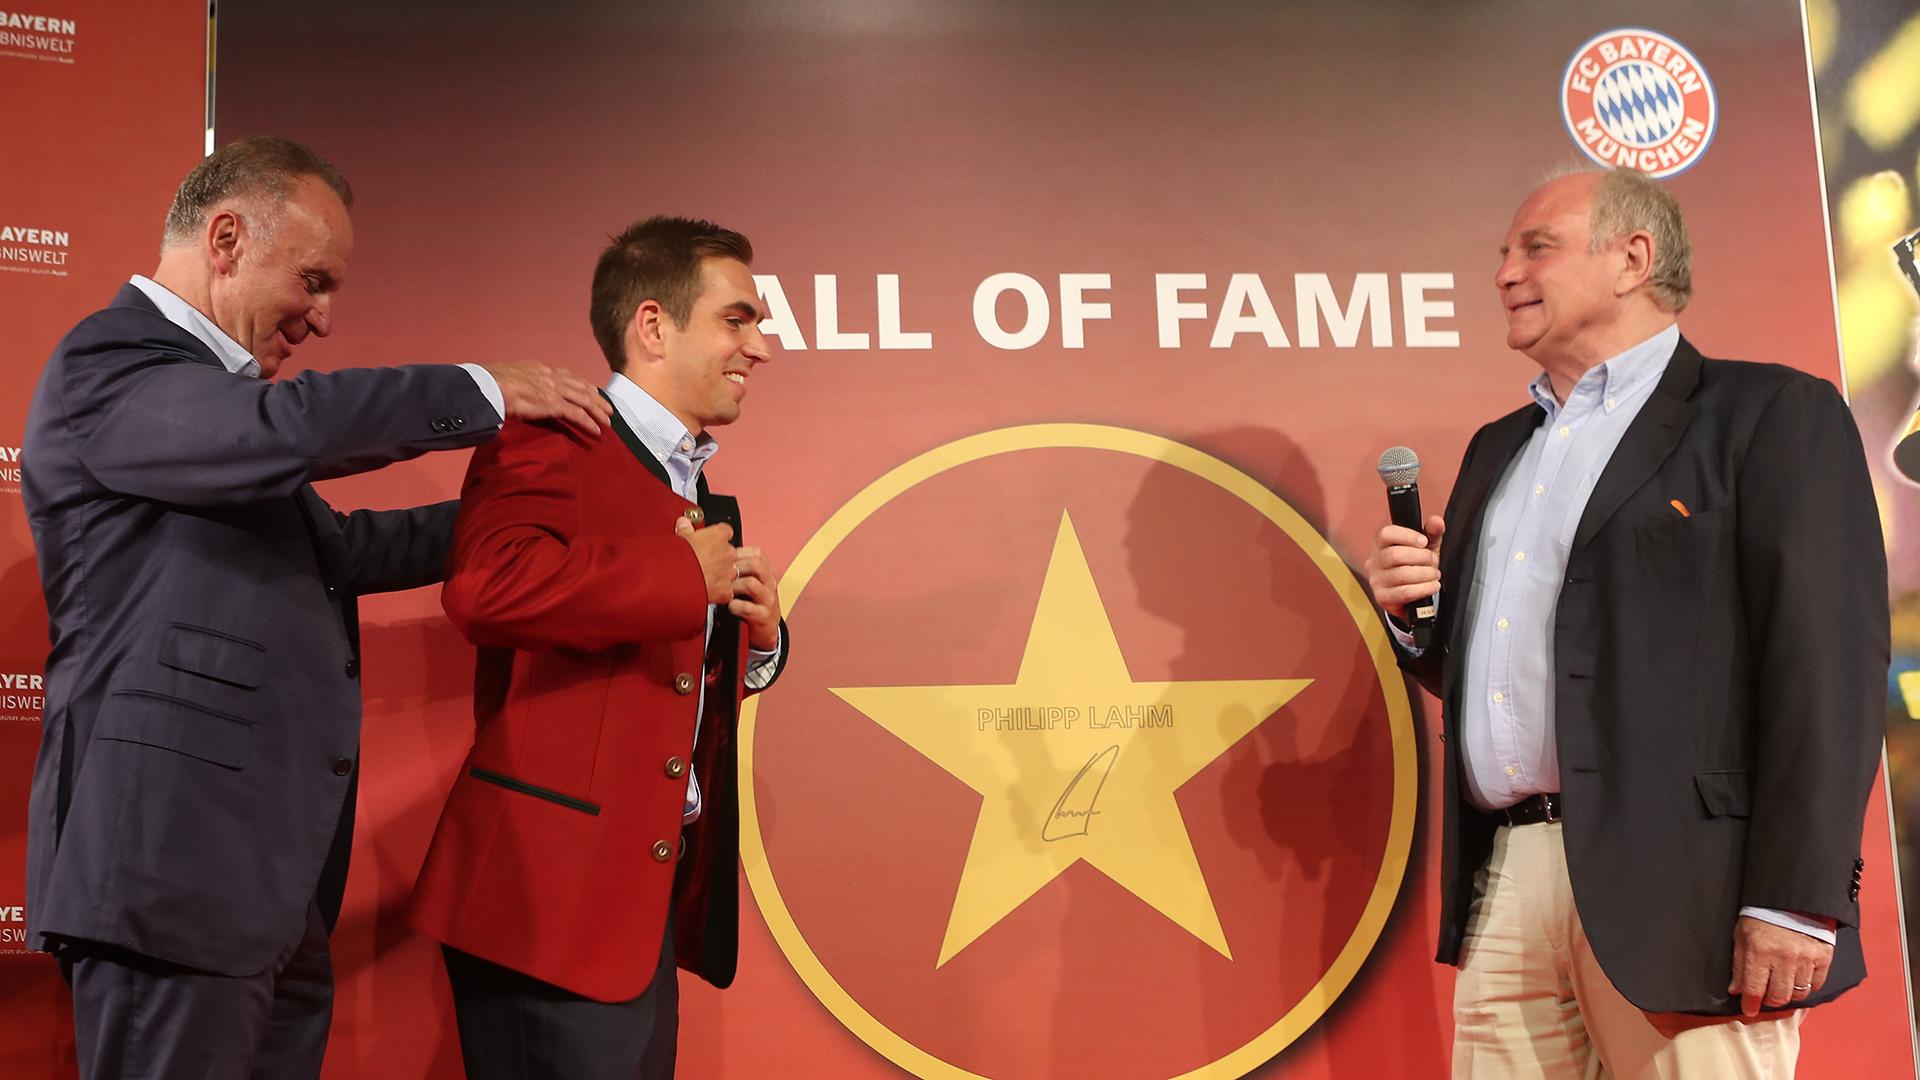 Philipp Lahm Bayern Munich Hall of Fame